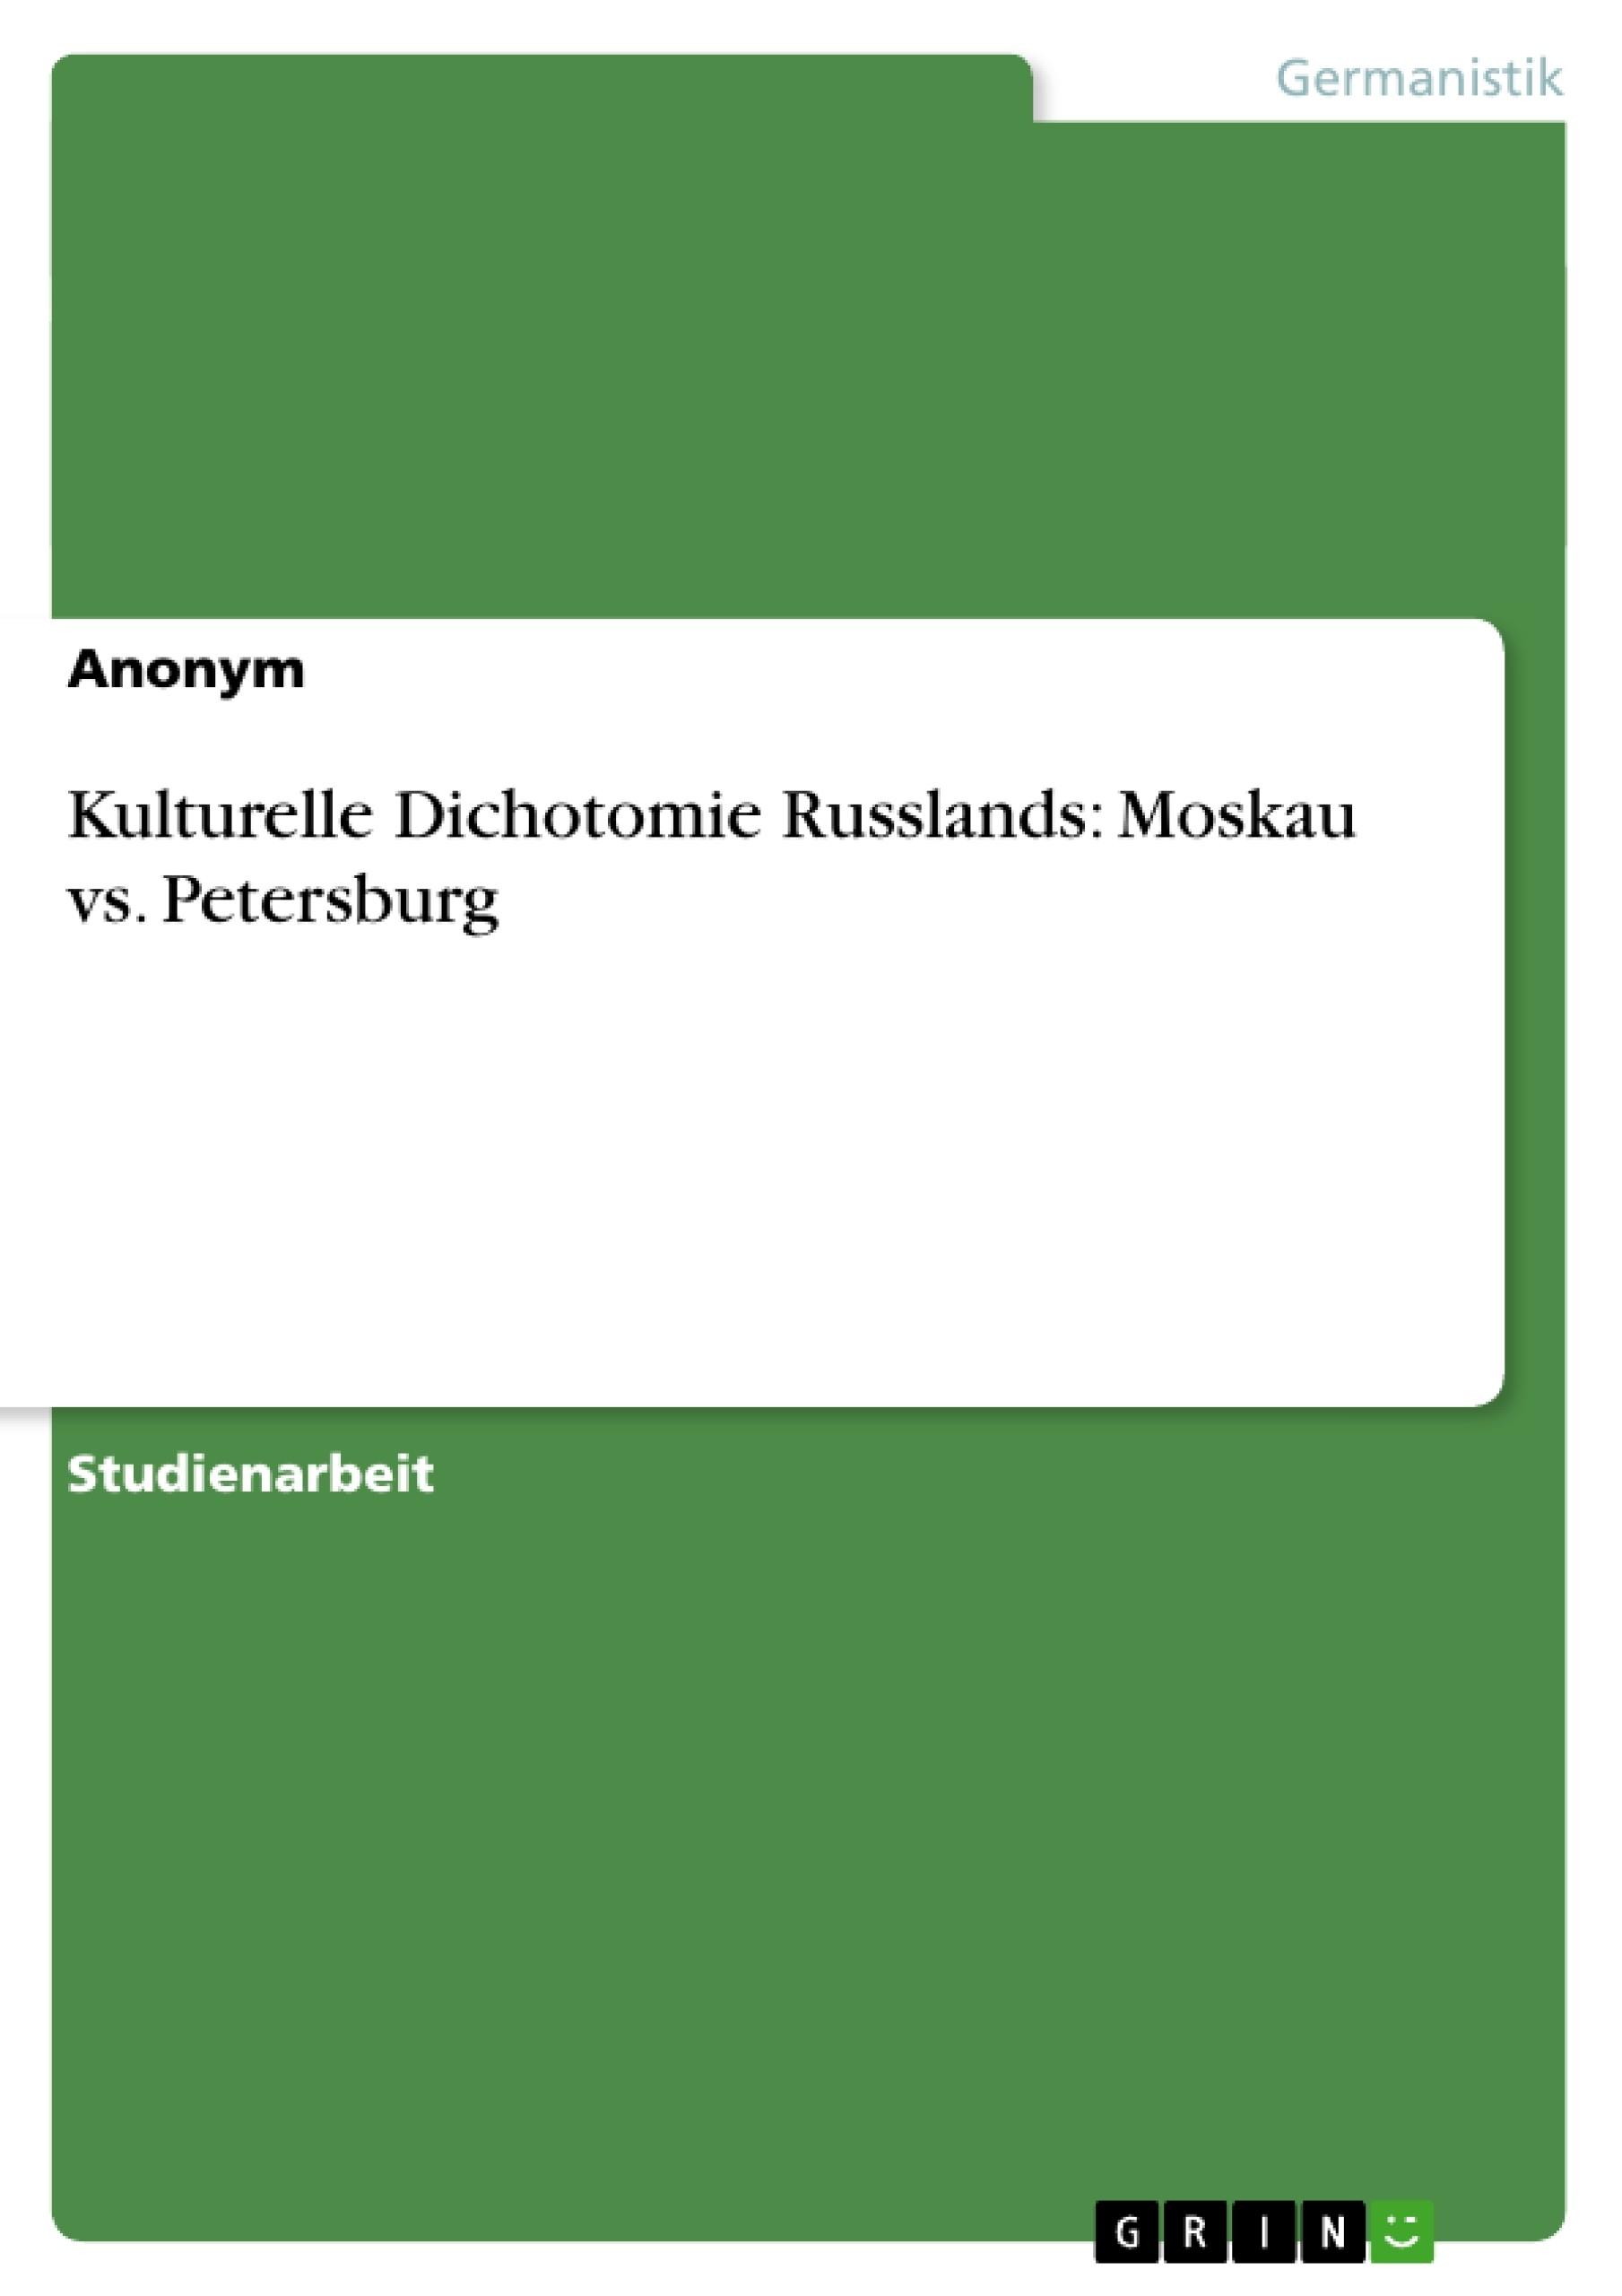 Titel: Kulturelle Dichotomie Russlands: Moskau vs. Petersburg